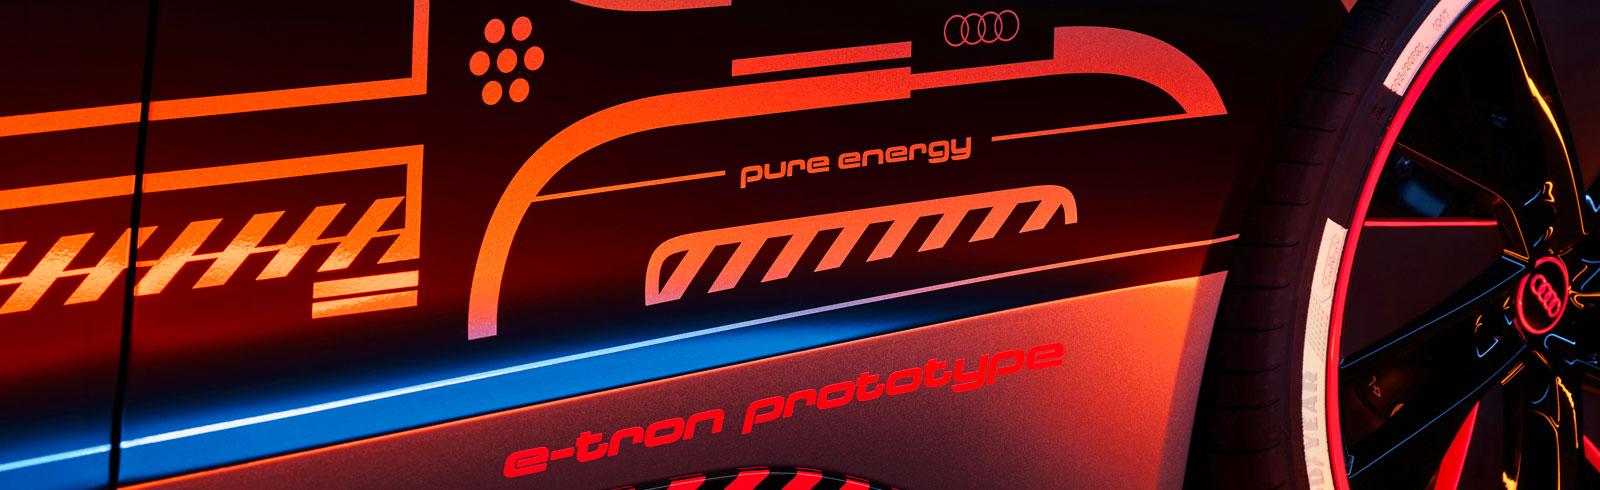 Audi e-tron GT enters carbon-neutral series production at the Böllinger Höfe